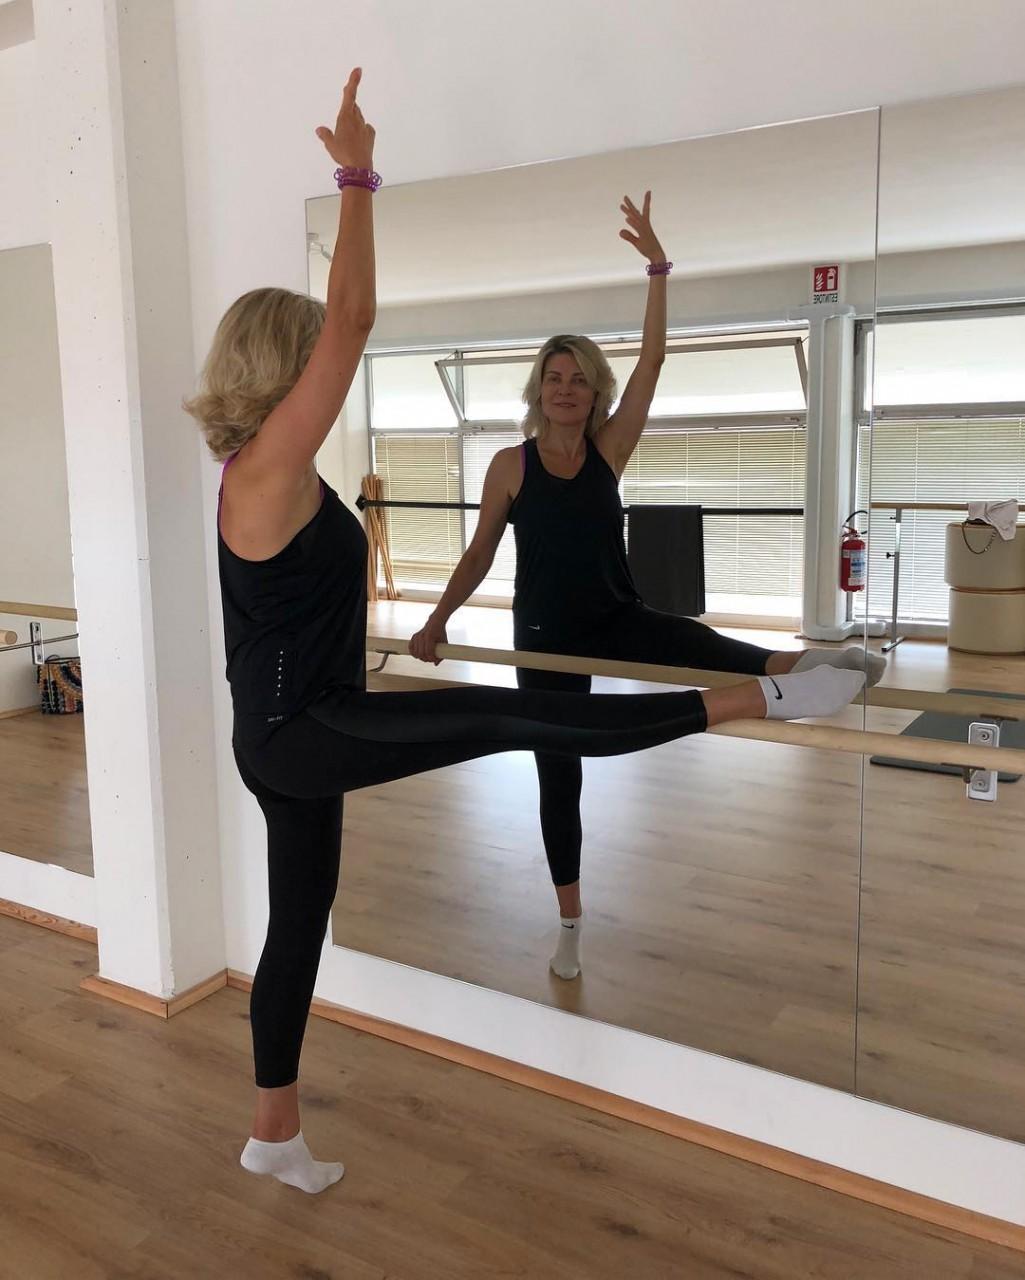 «Волочкова нервно курит»: супруга Александра Малинина затмила красотой и изяществом известную балерину александр малинин